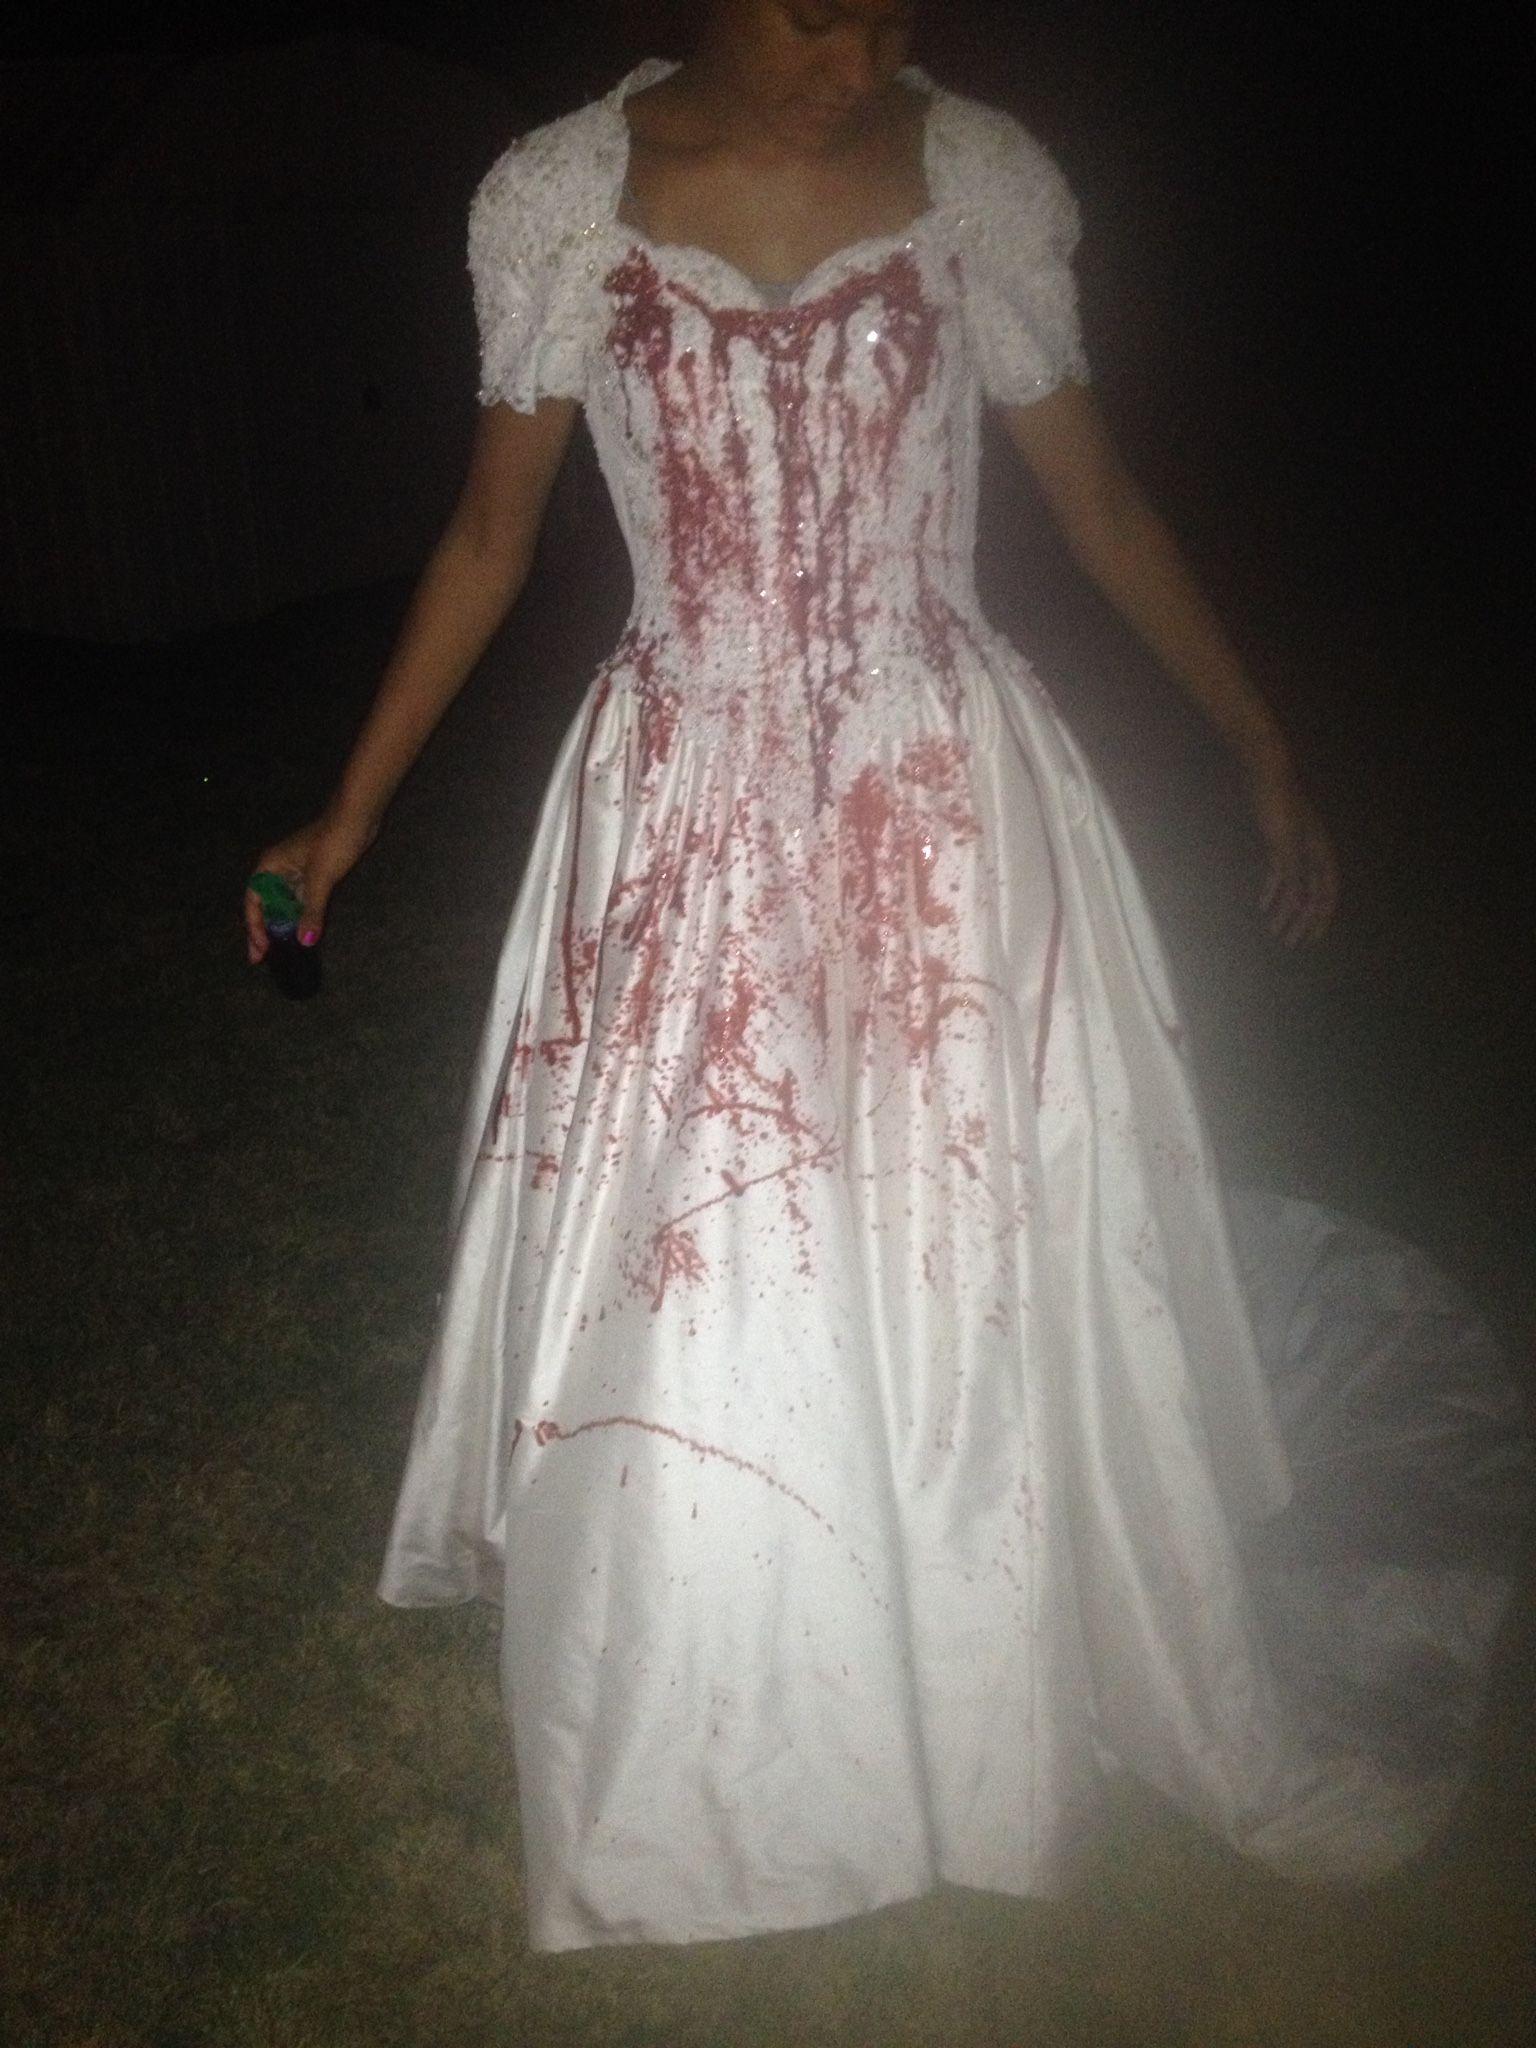 Thrift Store Wedding Dress...$25 Spray bottle....$1 Fake Blood ...